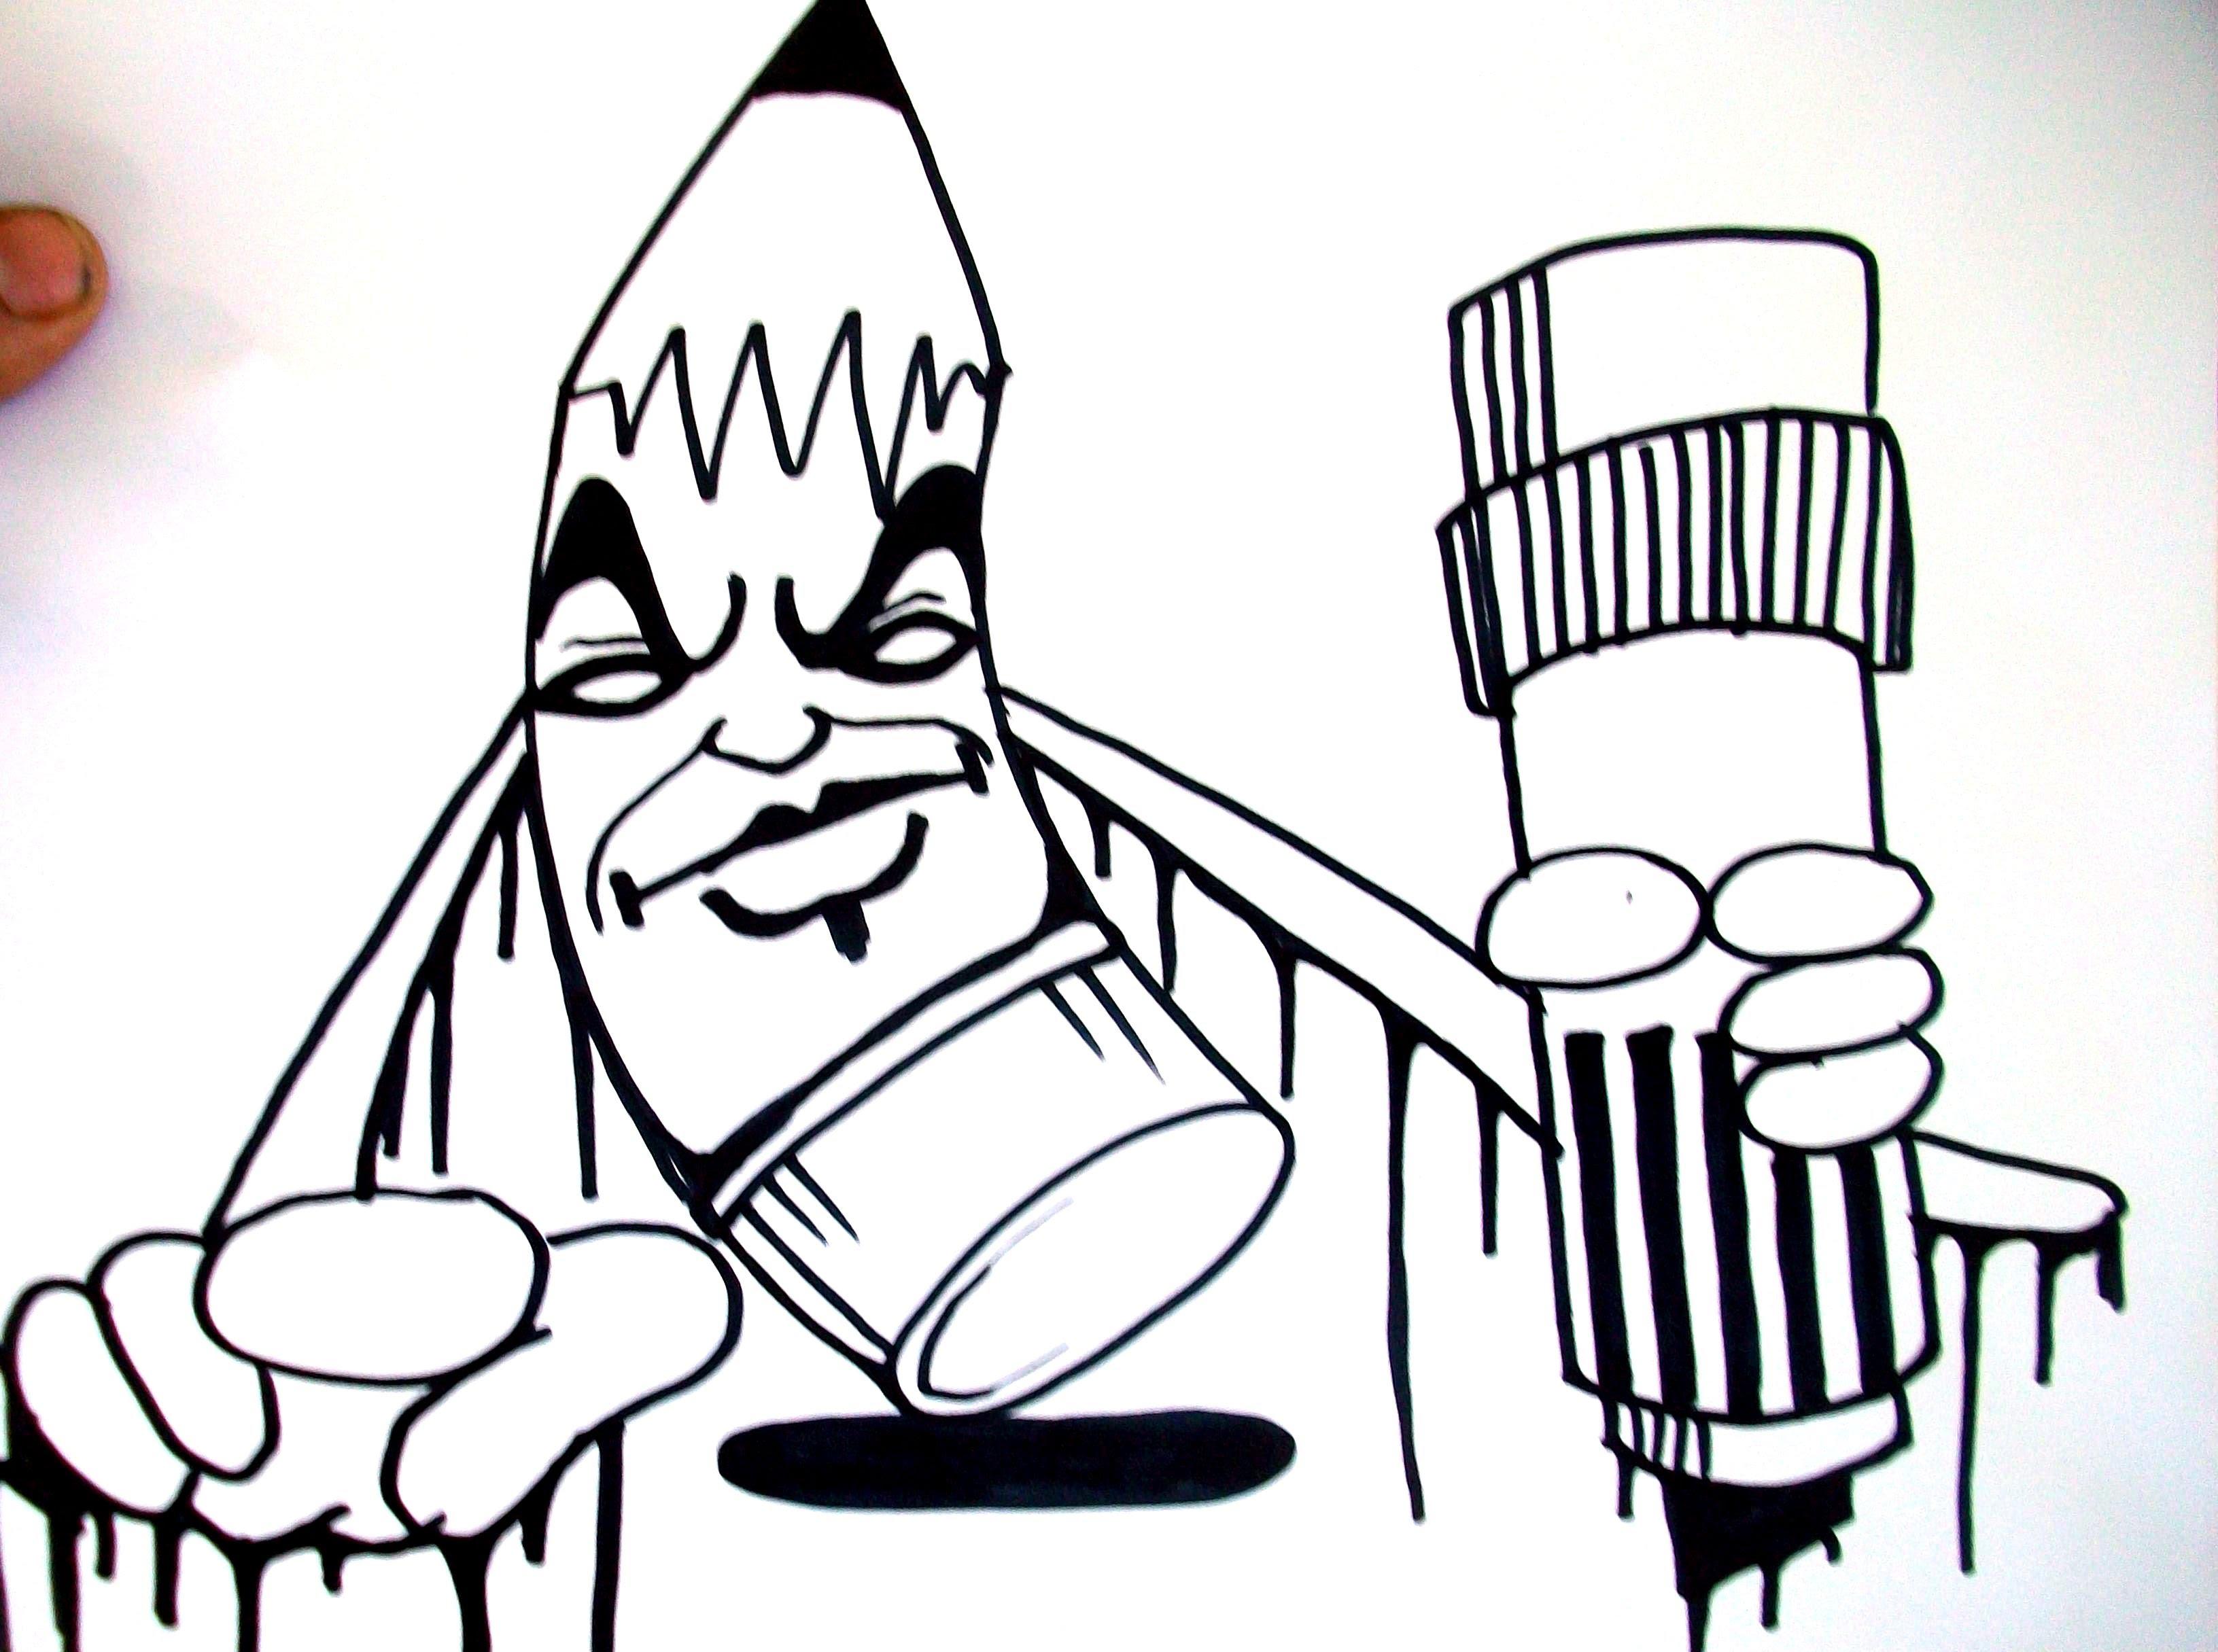 3263x2431 Pencil Sketch Graffiti Drawing A Graffiti Pencil Character